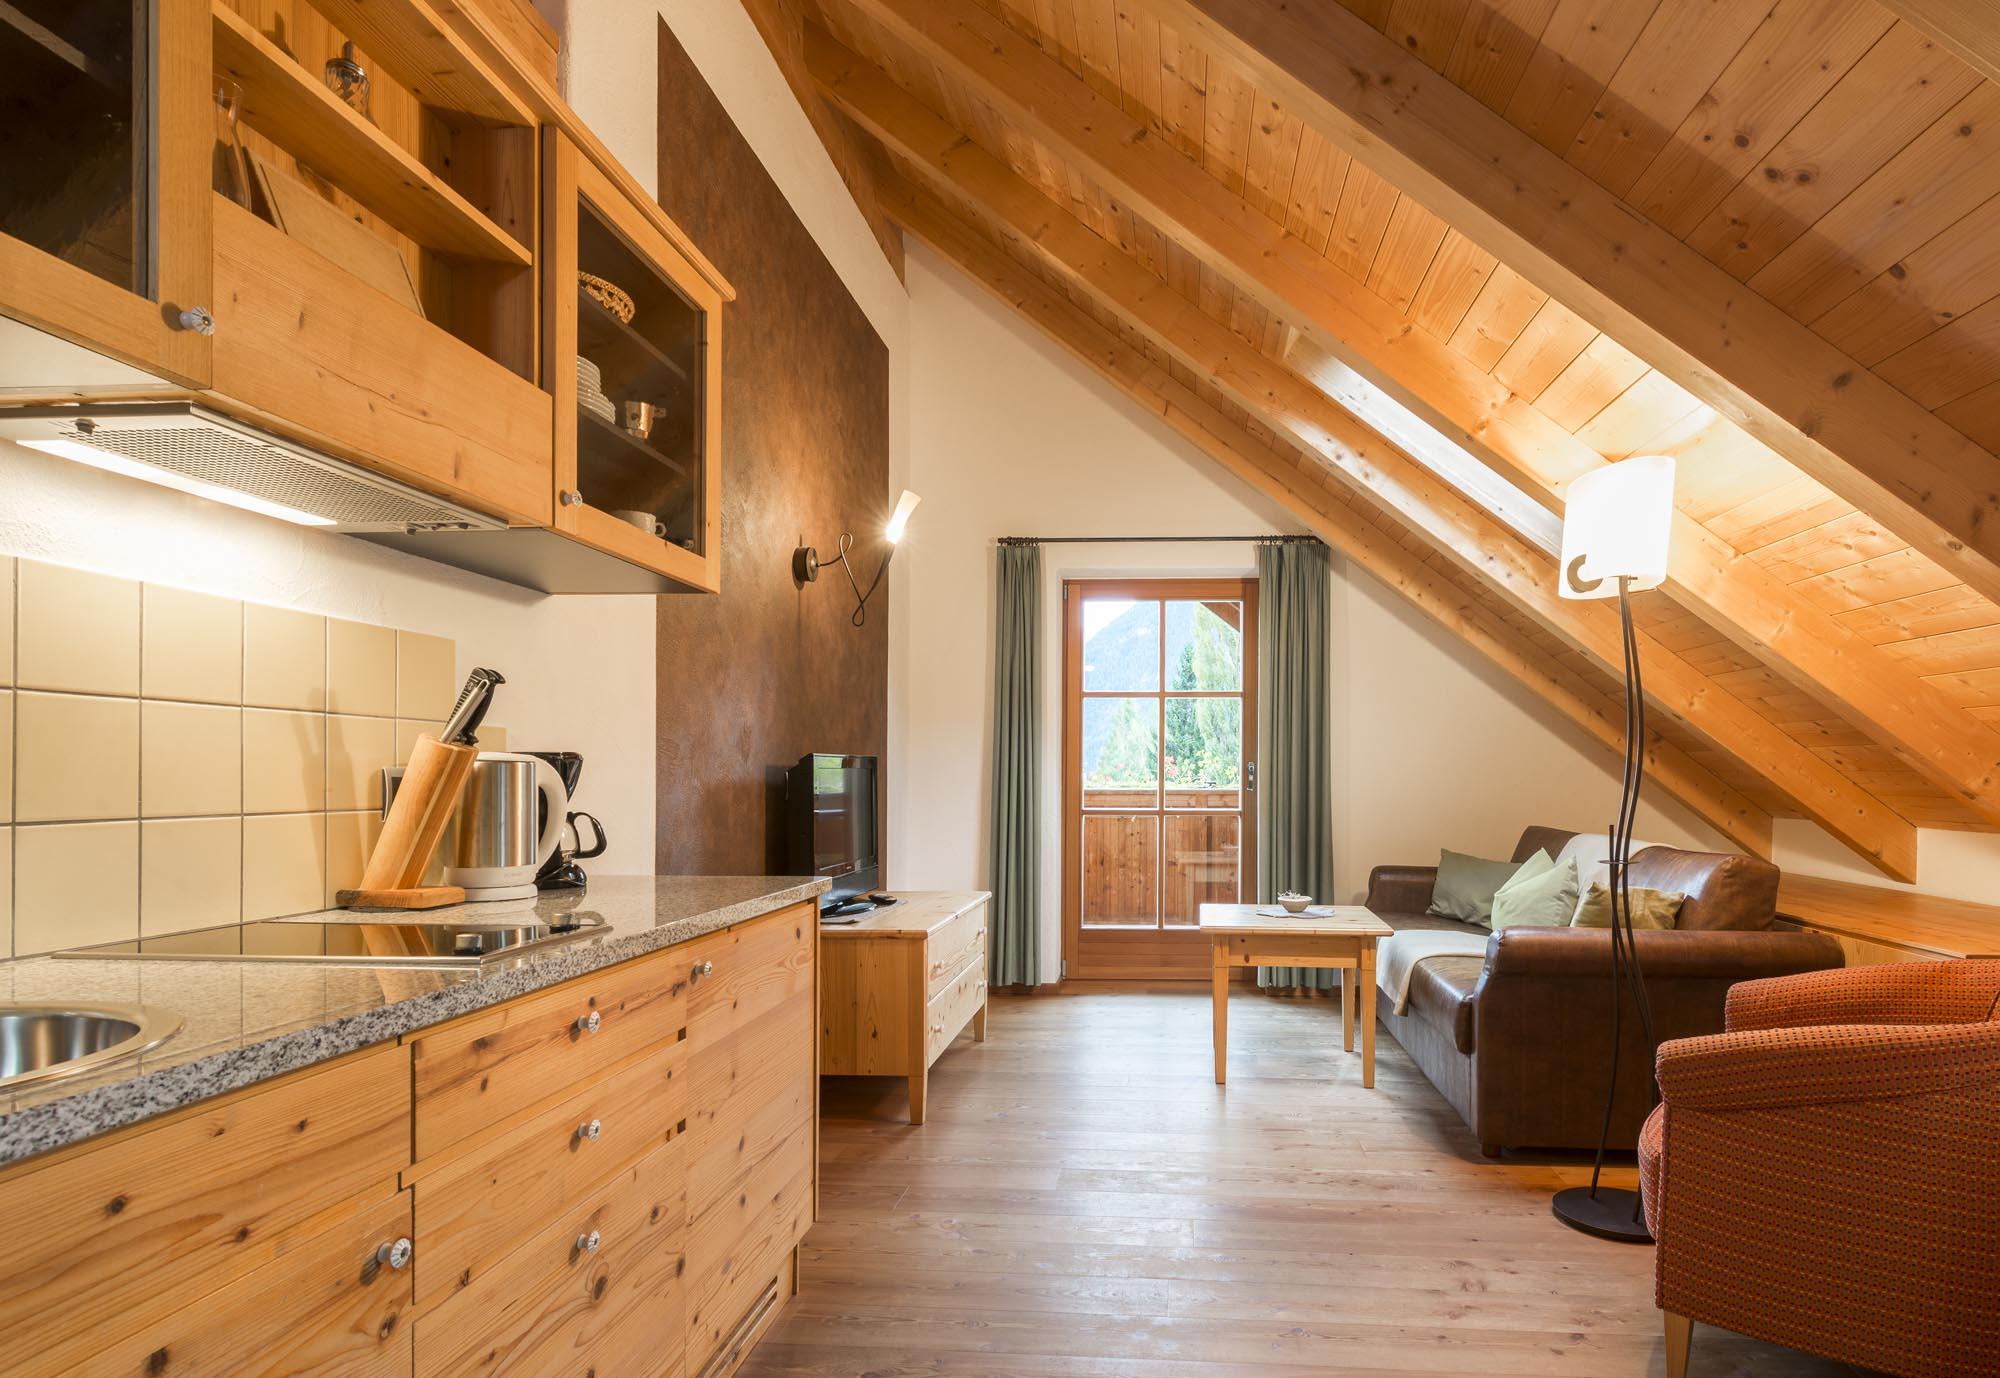 St mauritzien iv appartamenti nella valle aurina alto adige for Prezzi mansarde